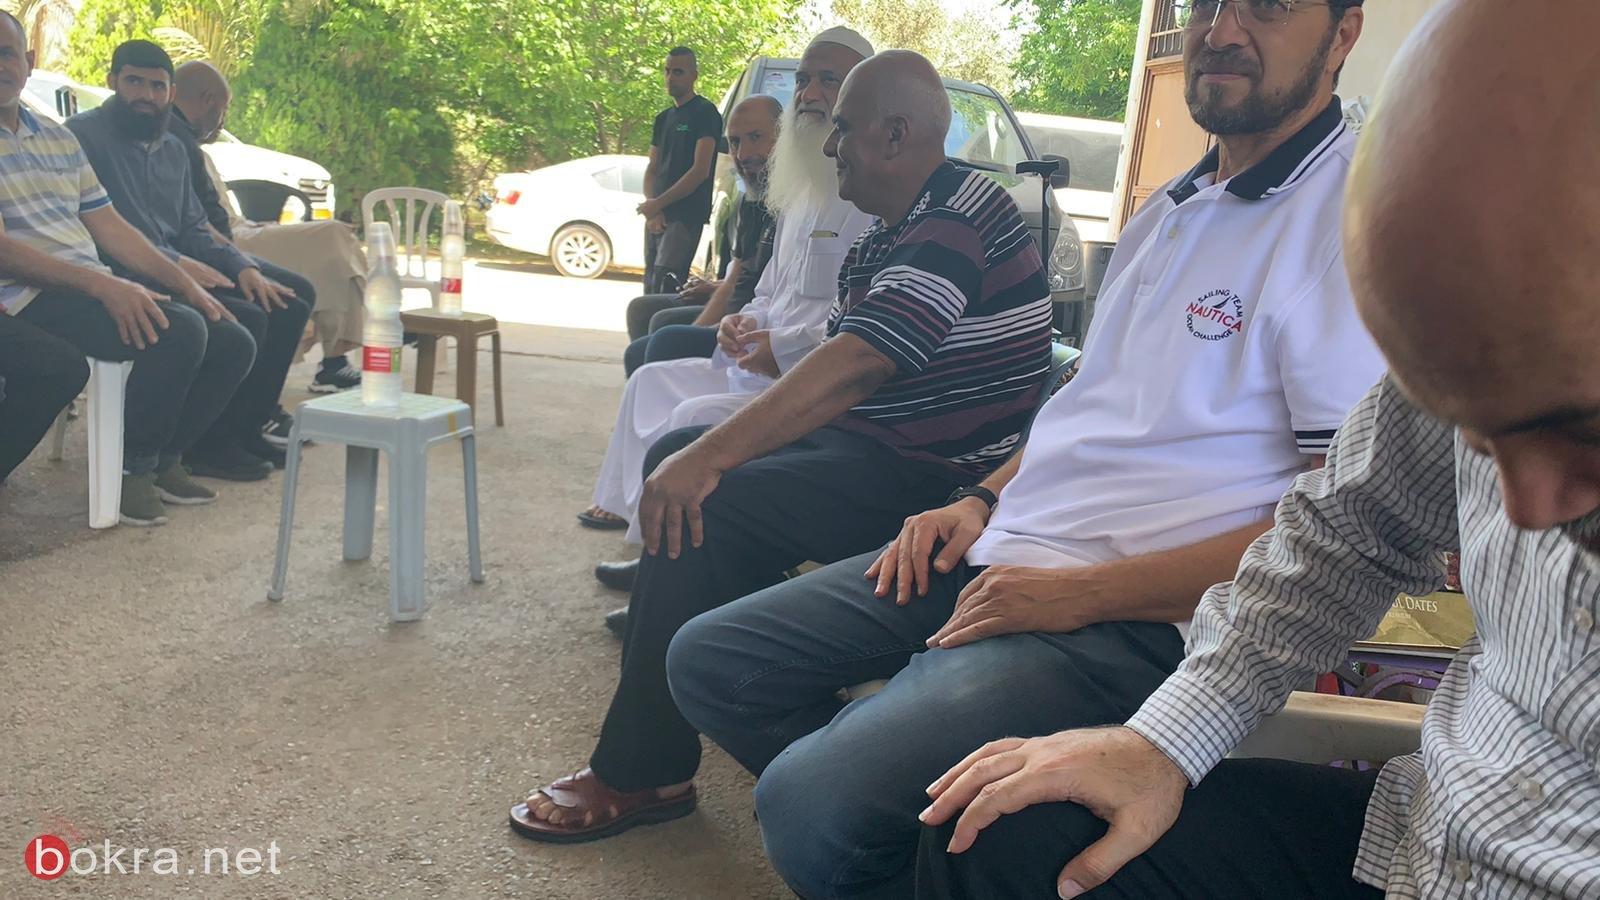 اللد:وفد  من اللجنة الشعبية والقيادات السياسيةد يزور منزل السيد عرفات اسماعيل